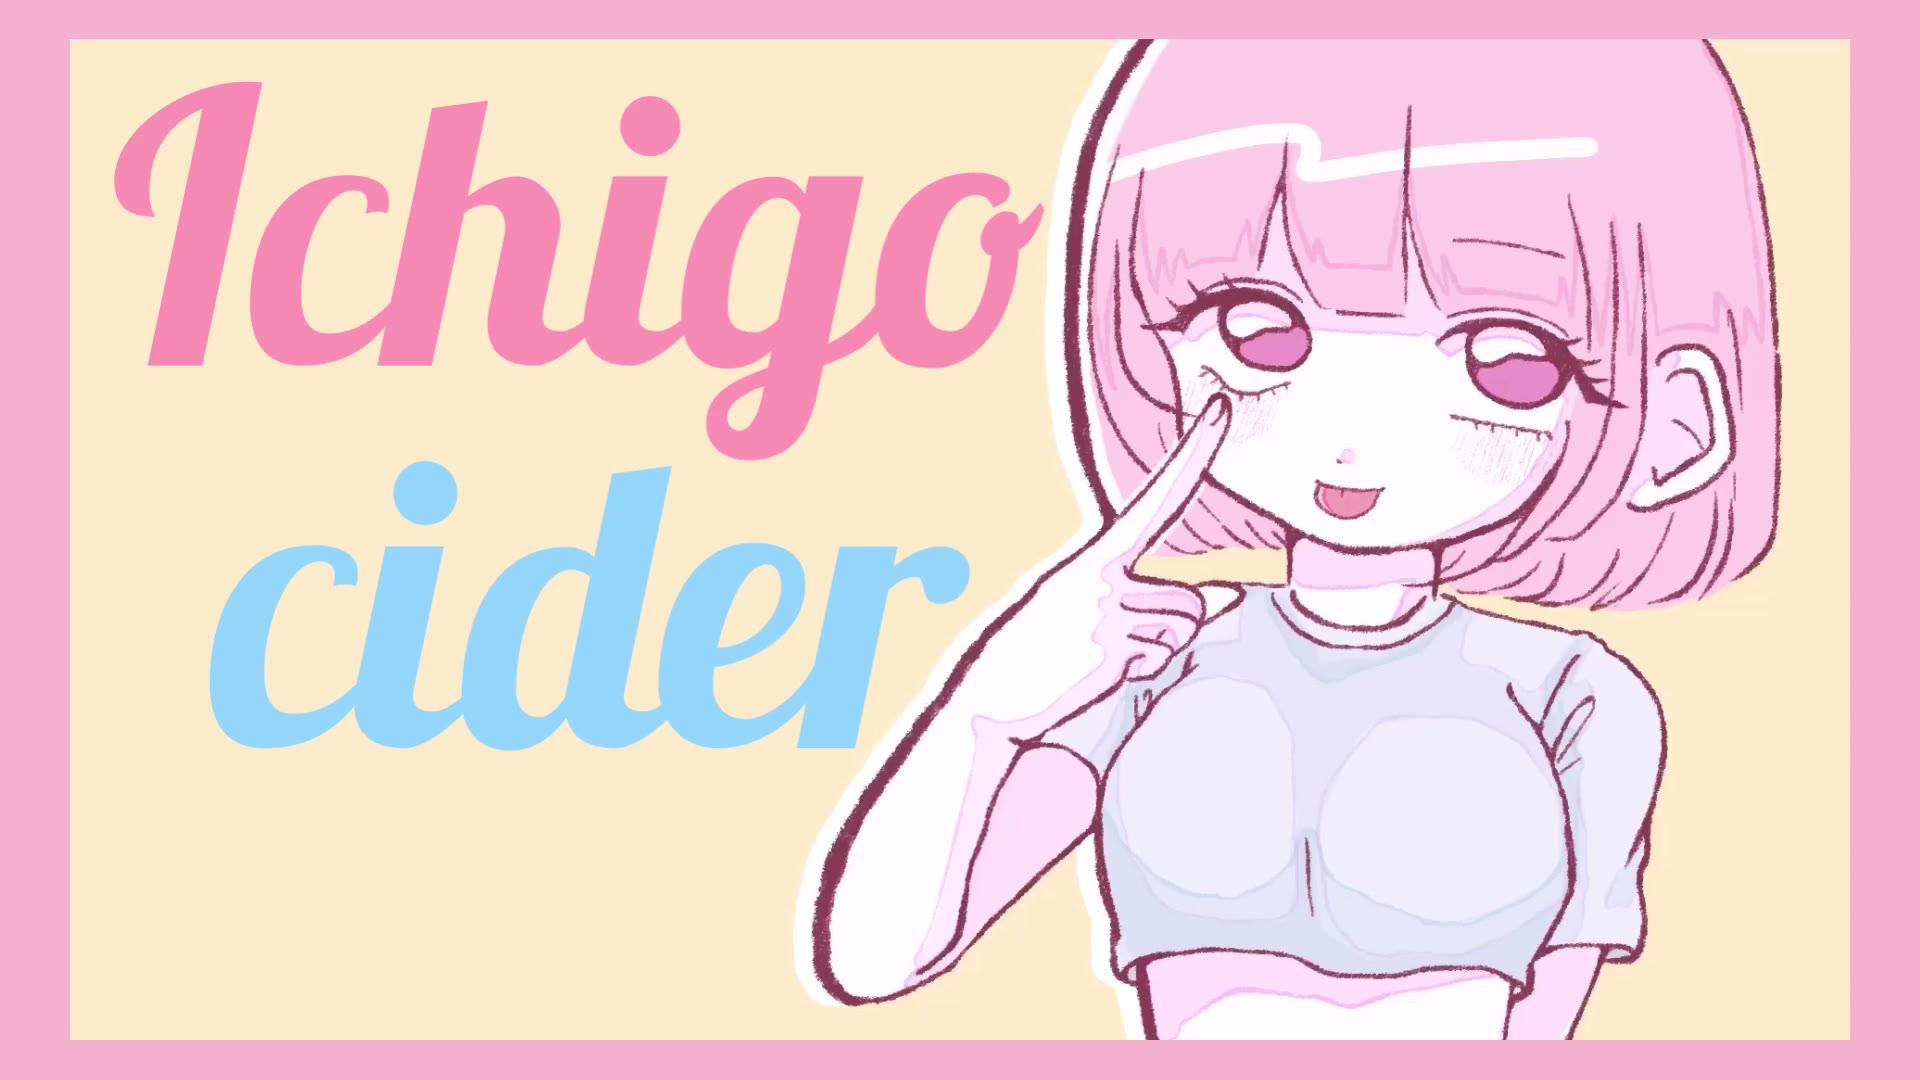 【鏡音リン】Ichigo cider【 ふくらふわP 】